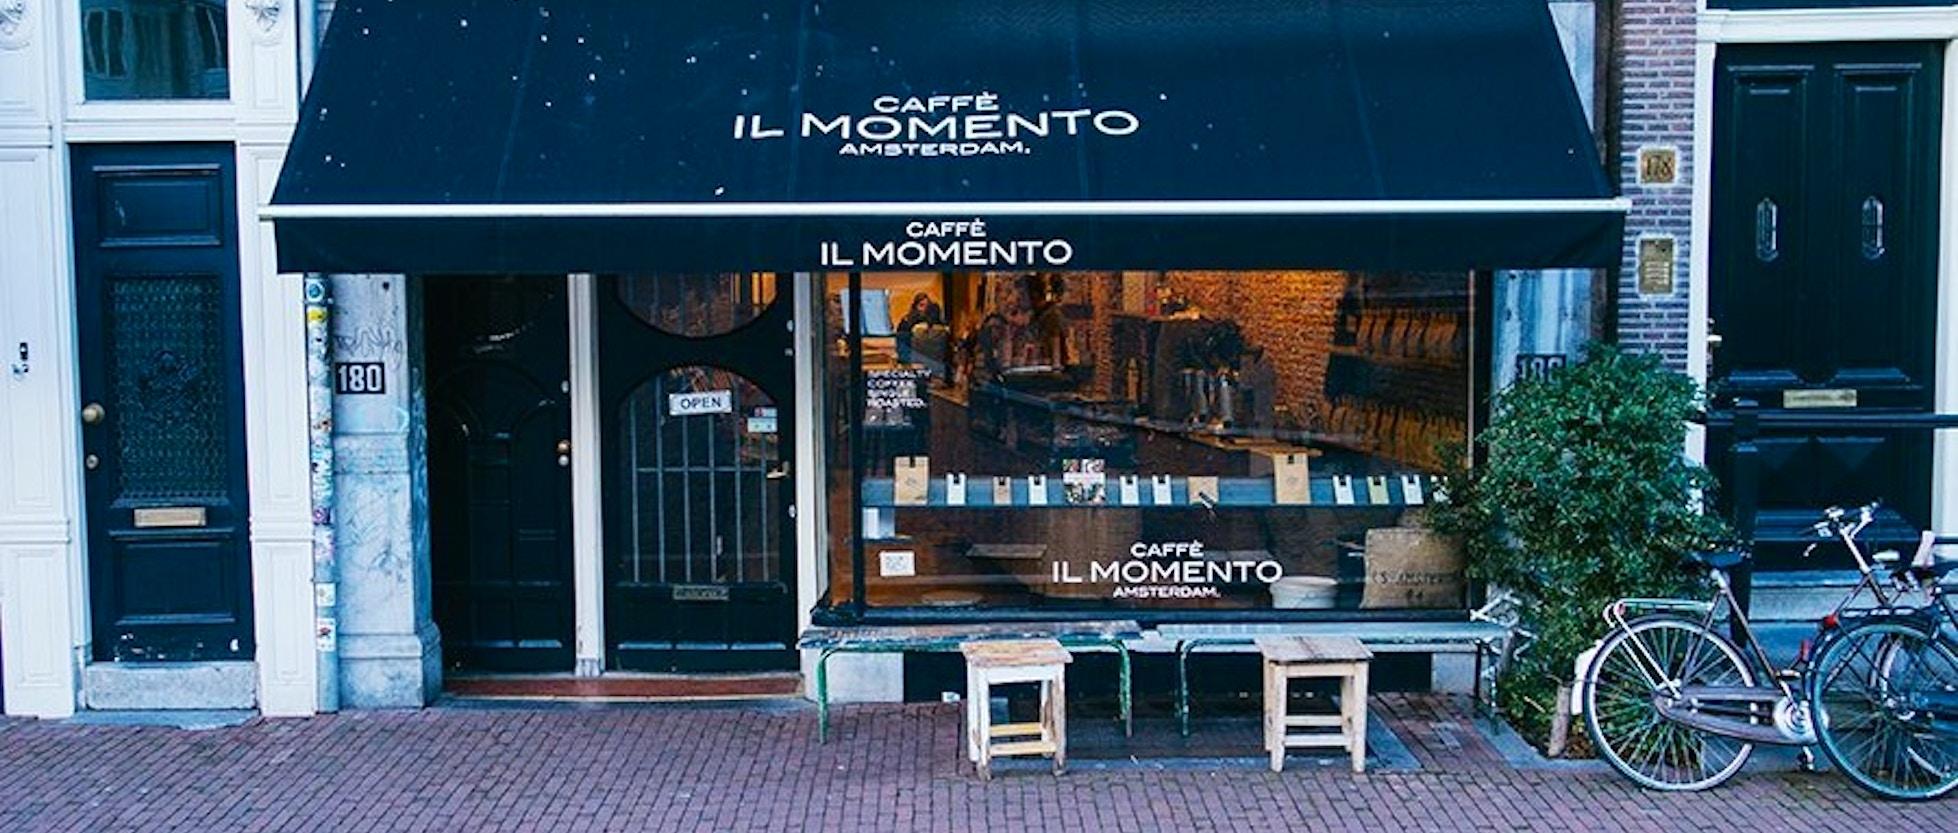 Le 5 migliori caffetterie di amsterdam vivi amsterdam for Amsterdam migliori ristoranti